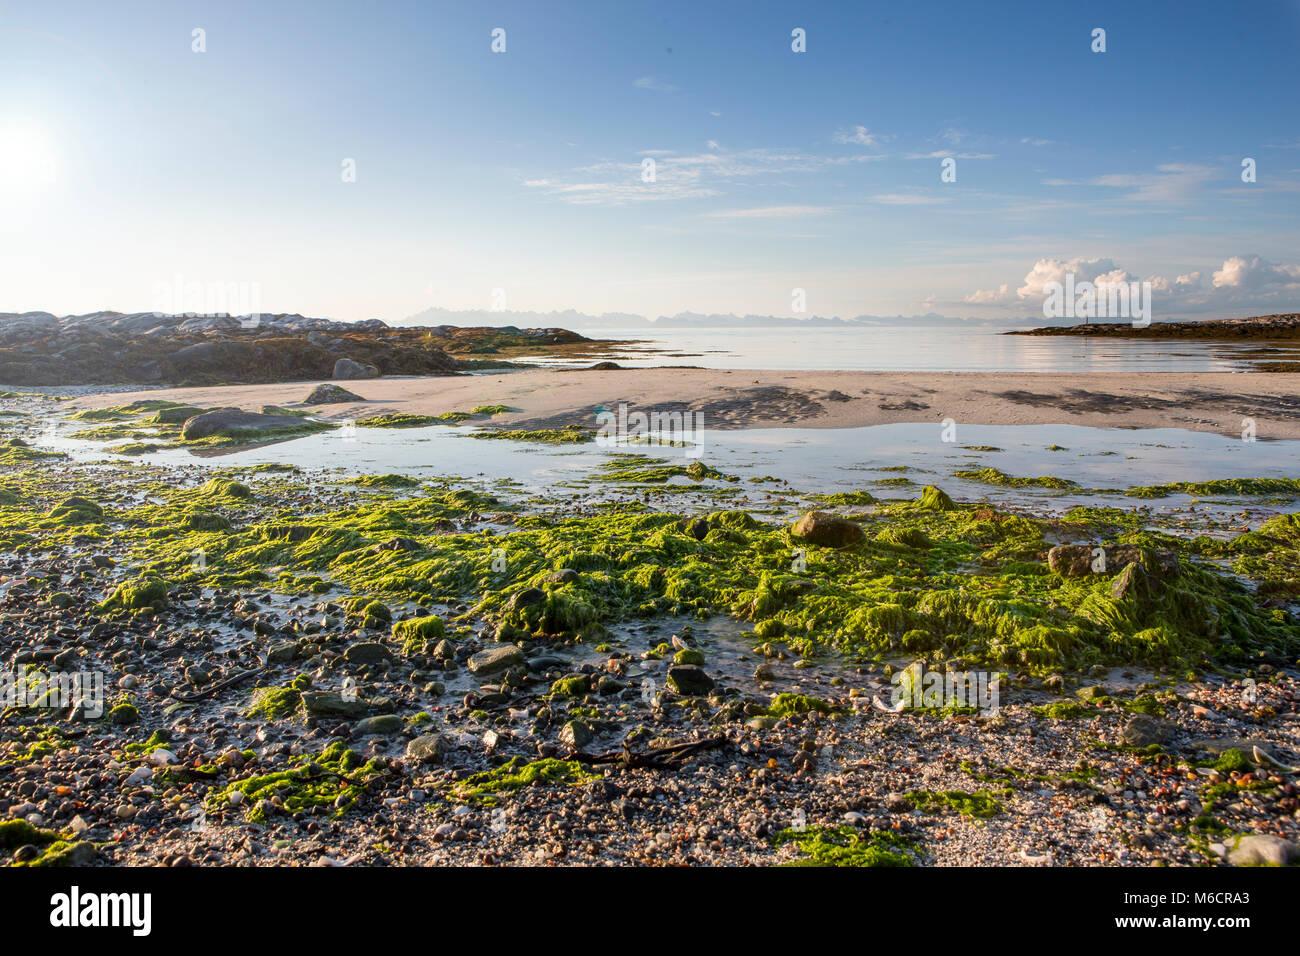 La marée est basse. Dans l'horizon est le mur de Iles Lofoten. La fin de nuit à la côte d'Engeloya Photo Stock